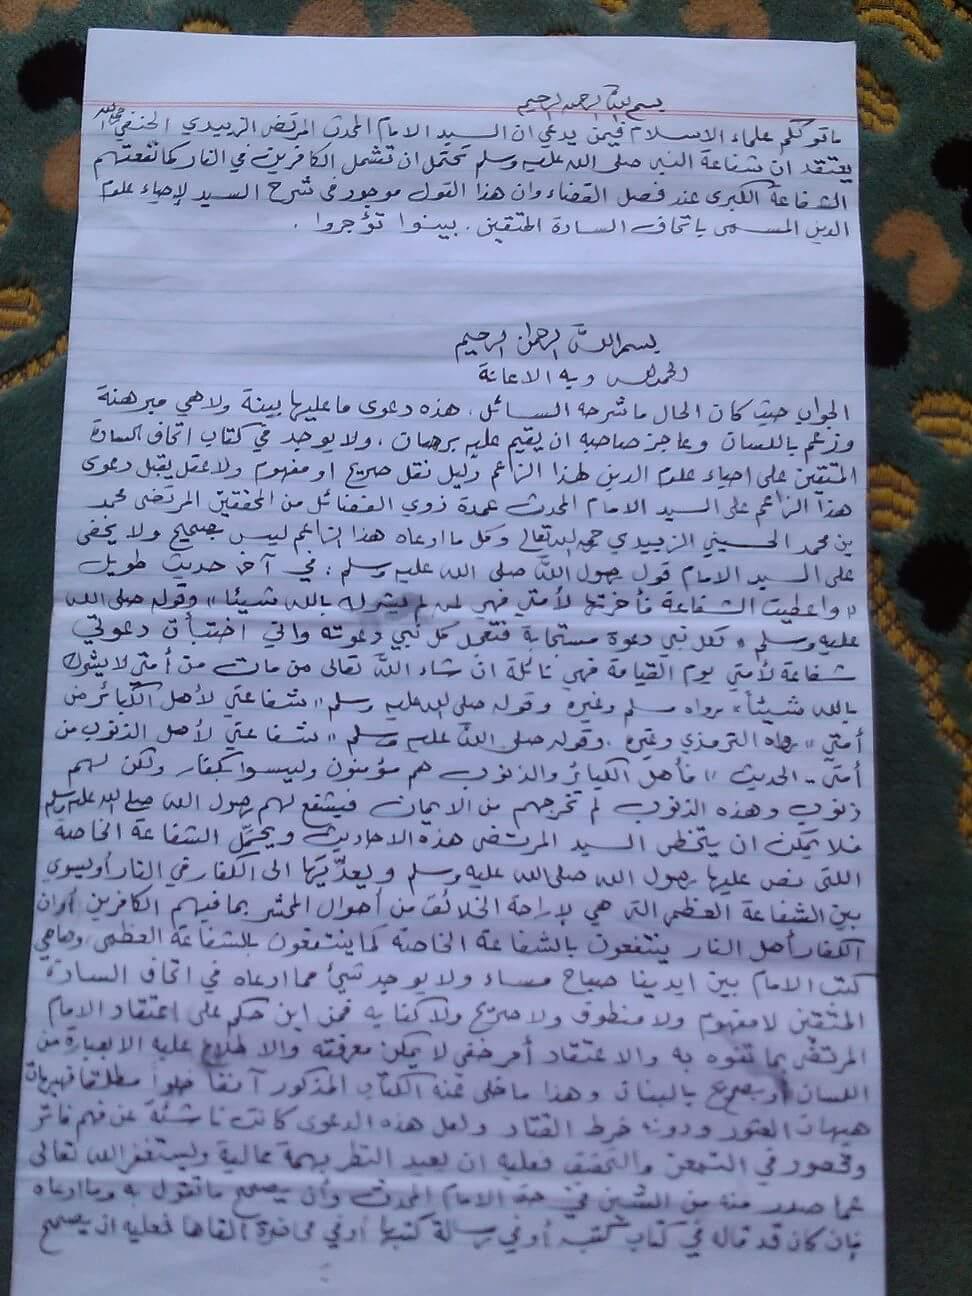 Zabid fatwa pg1